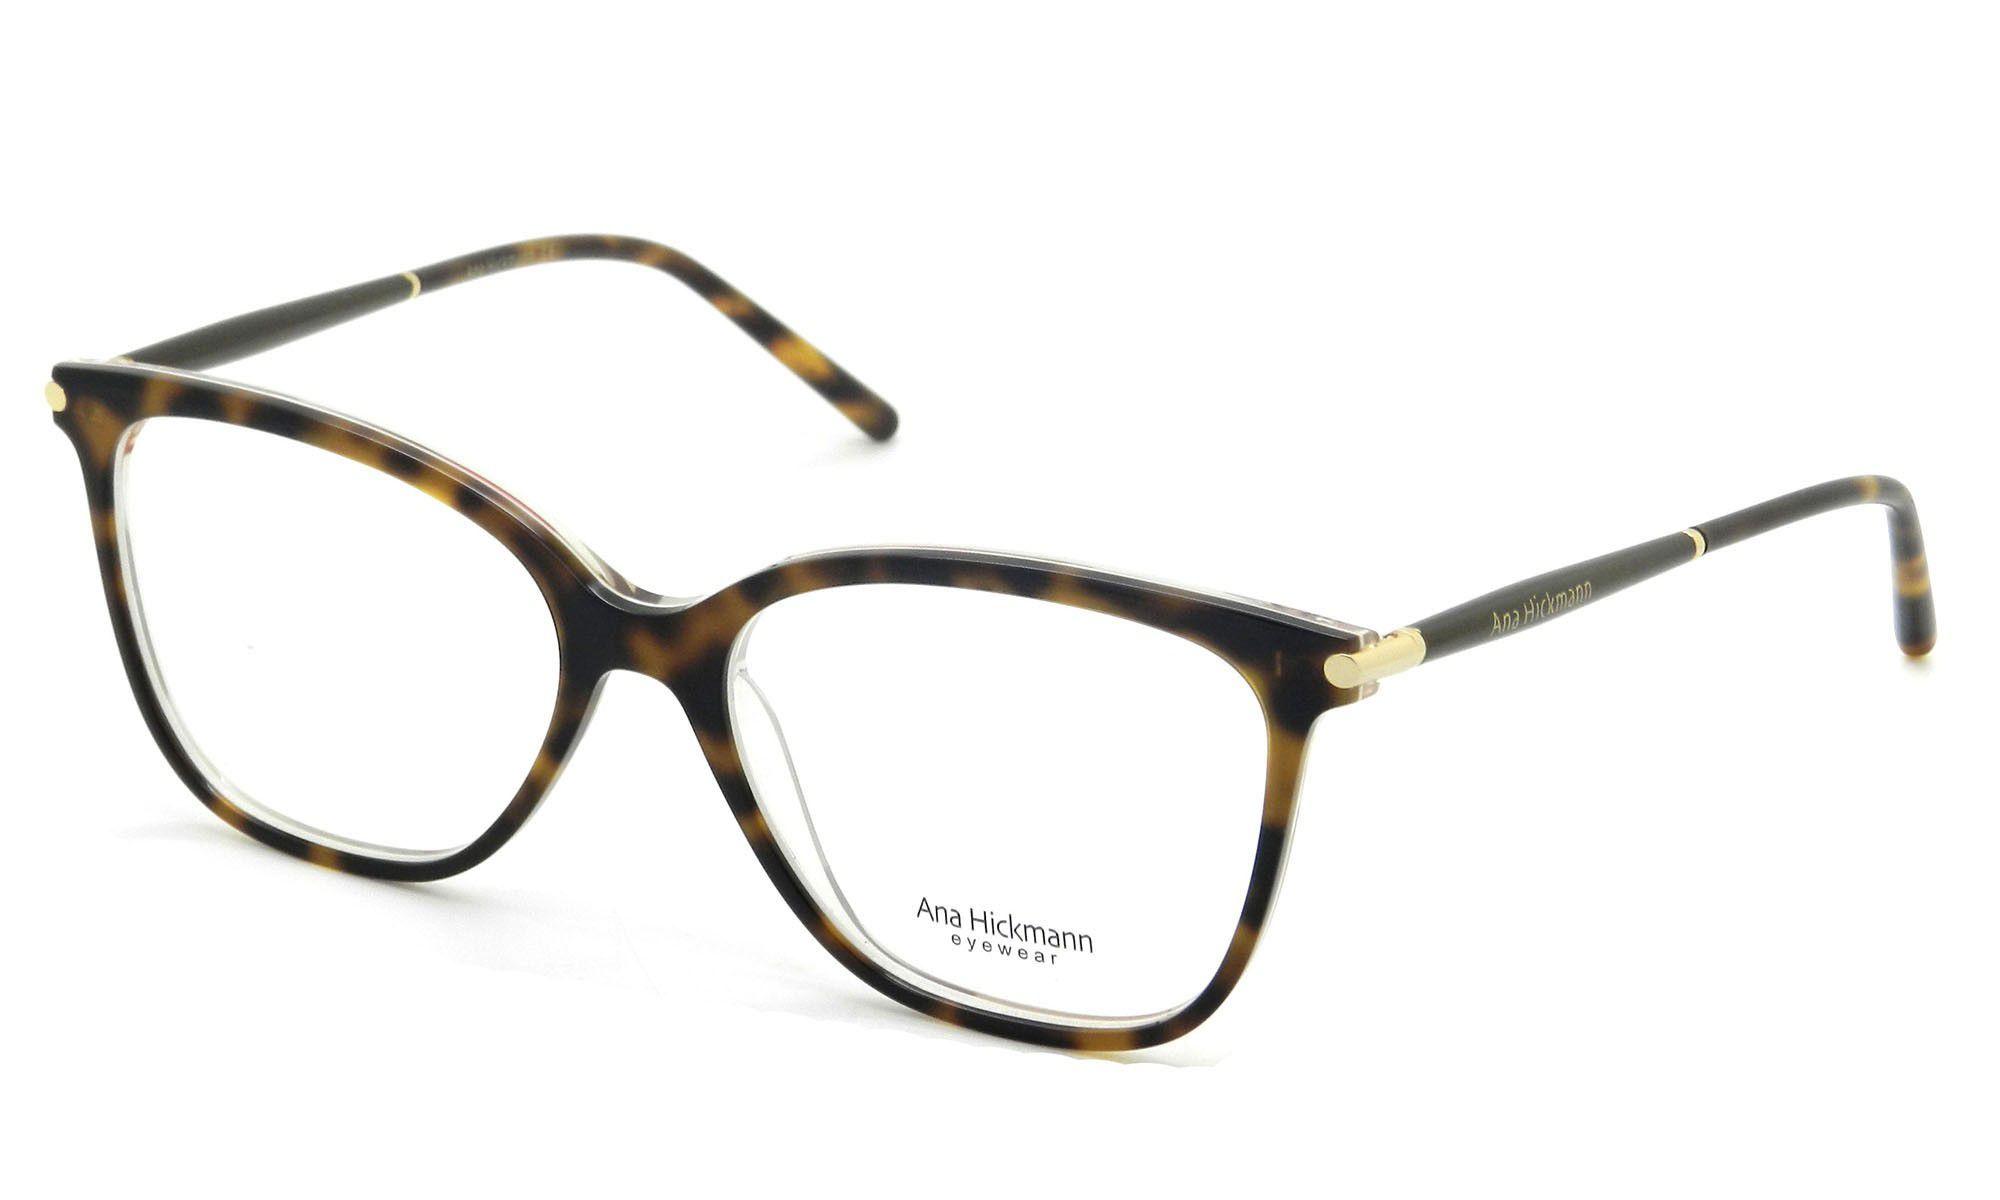 40bde9c36 Armação de Óculos Ana Hickmann Ah6316a h03 53 16 145 - Omega Ótica e ...